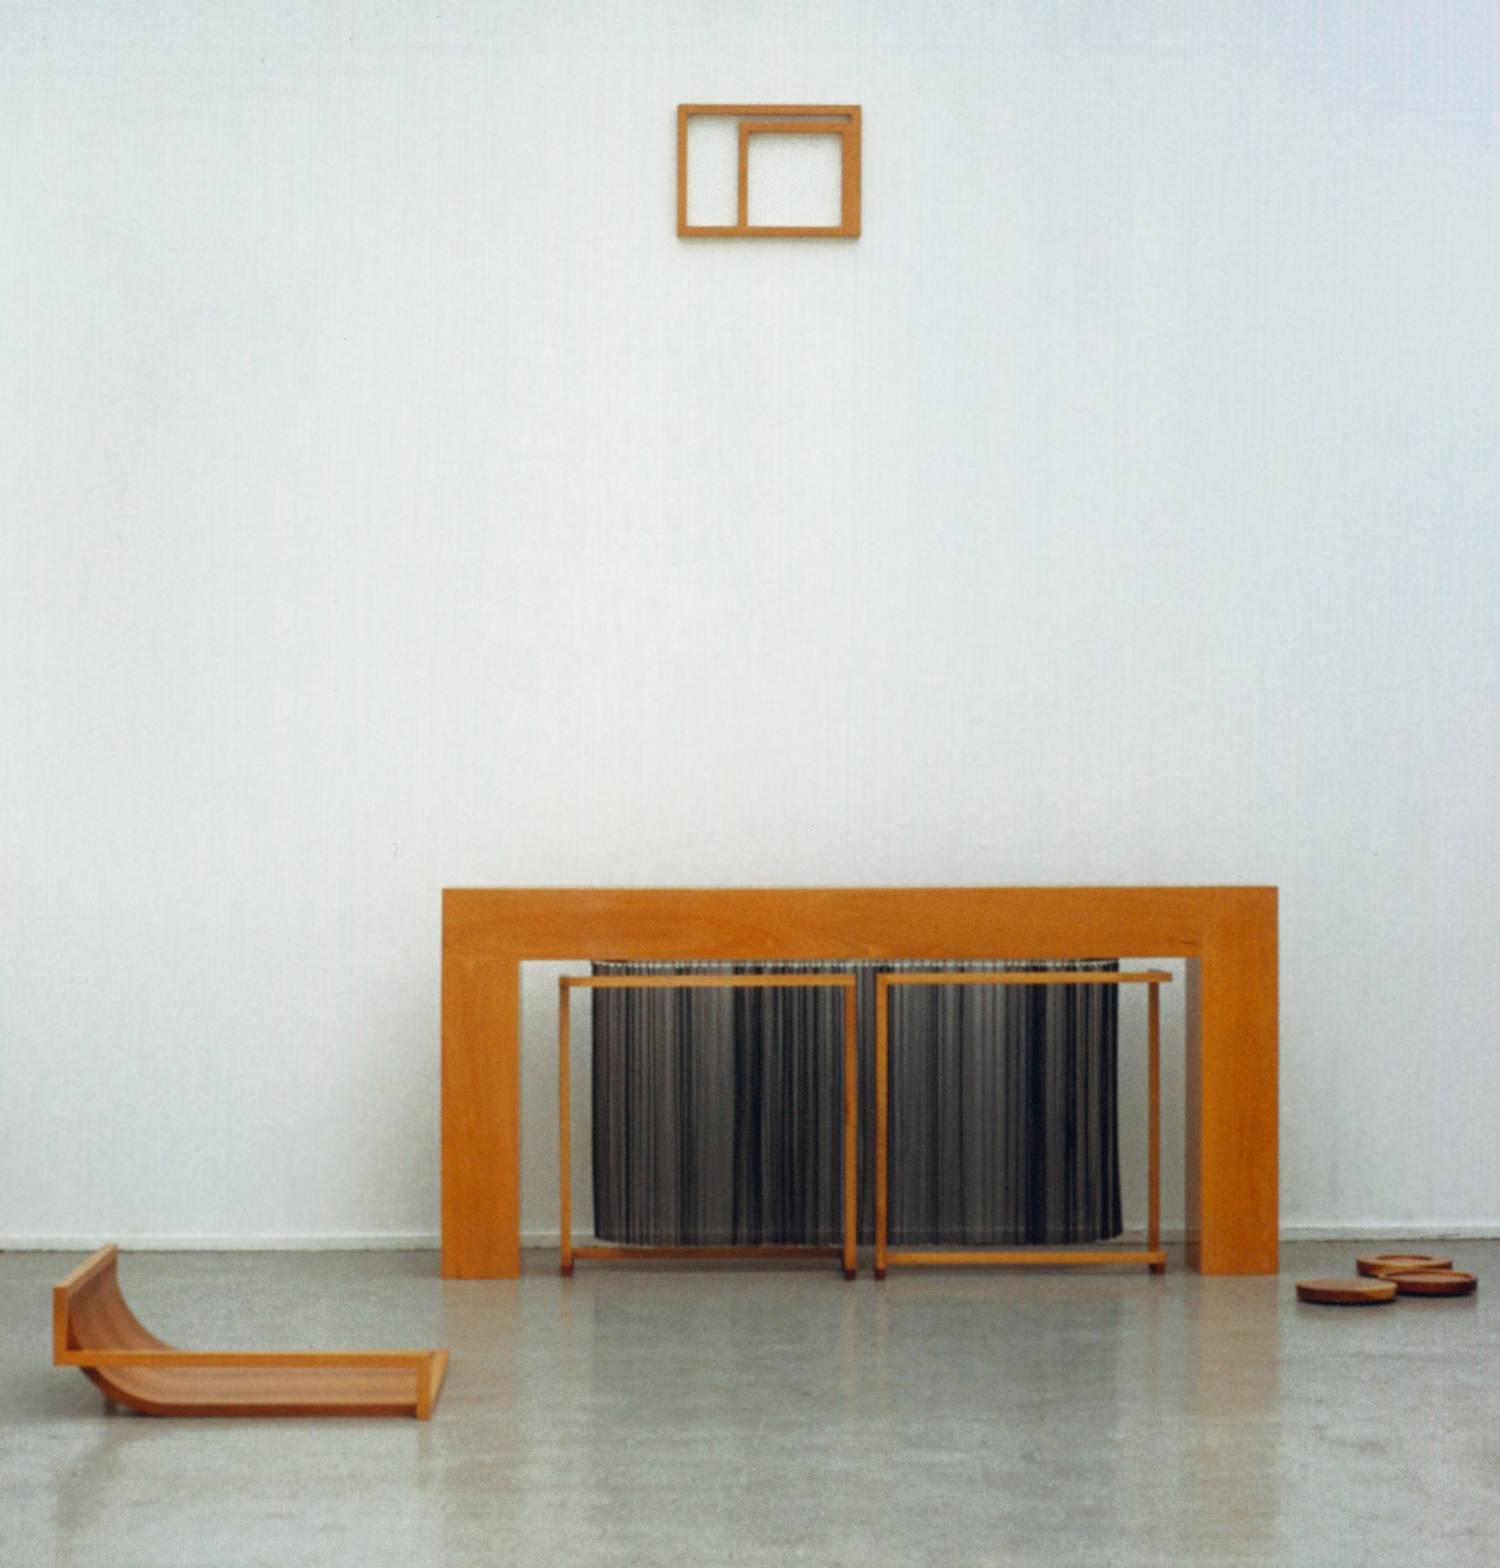 cmu-1993-95-opklapbed-stoel-tableau